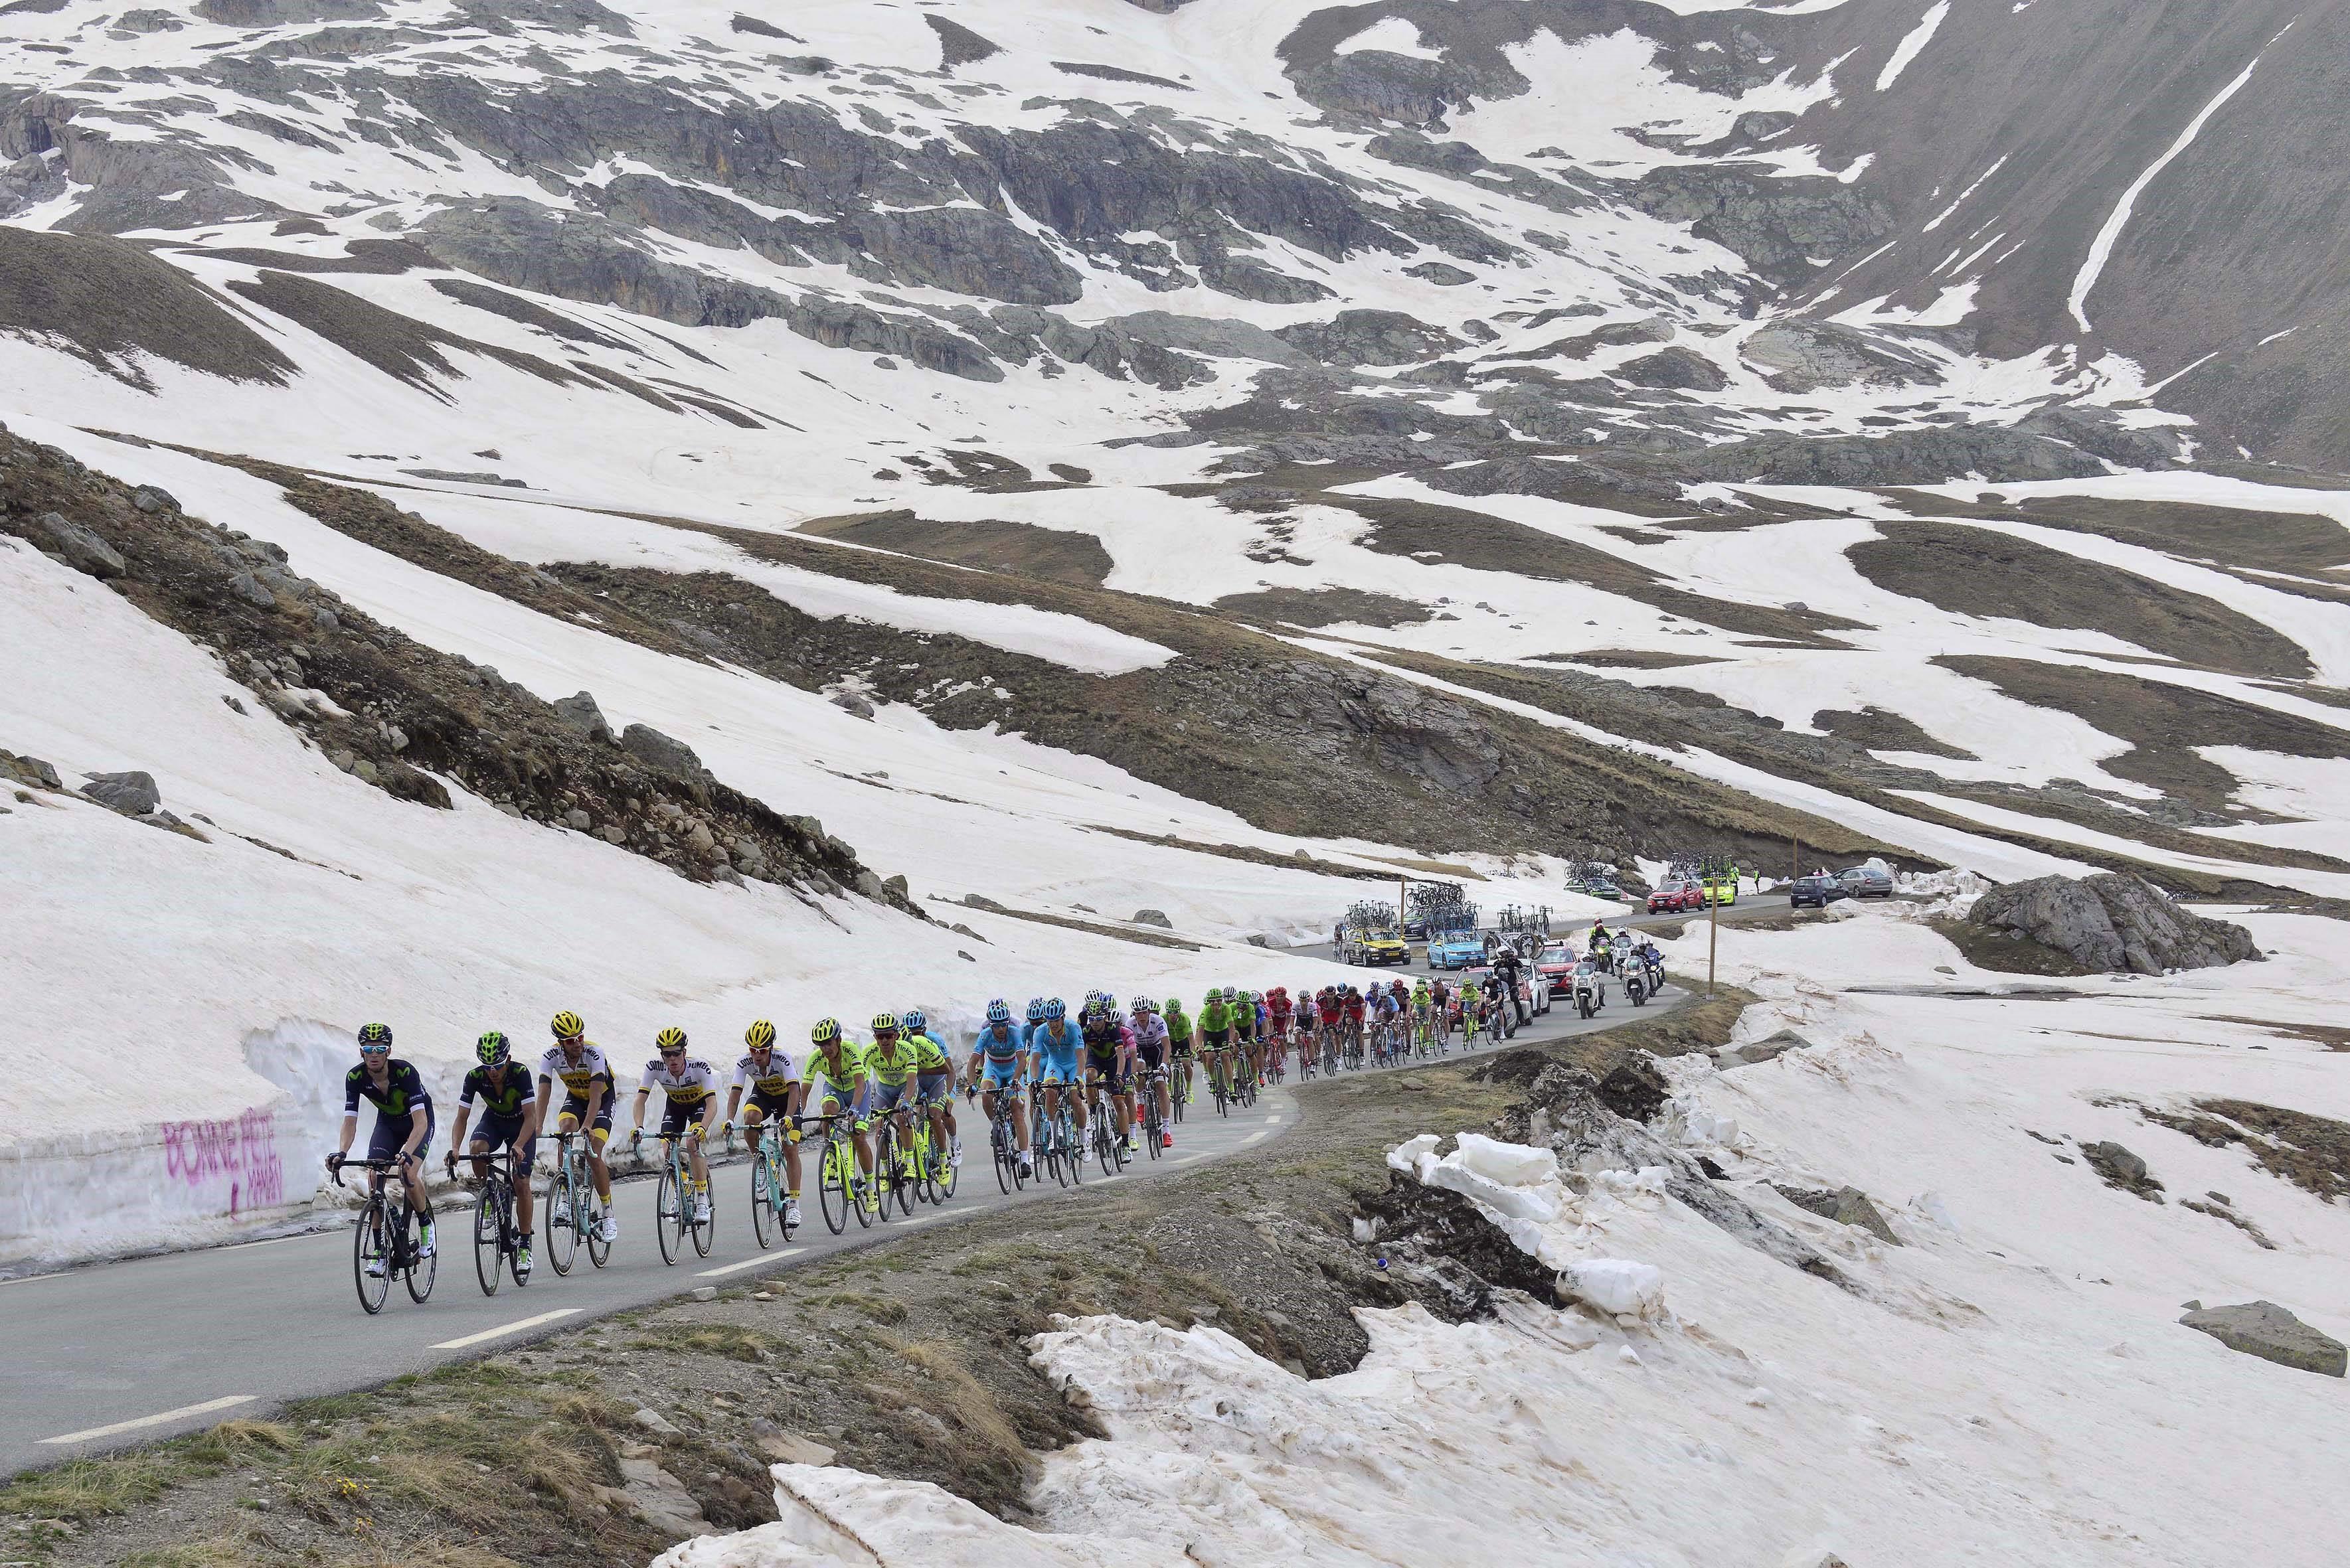 Giro d'Italia Col de la Bonette